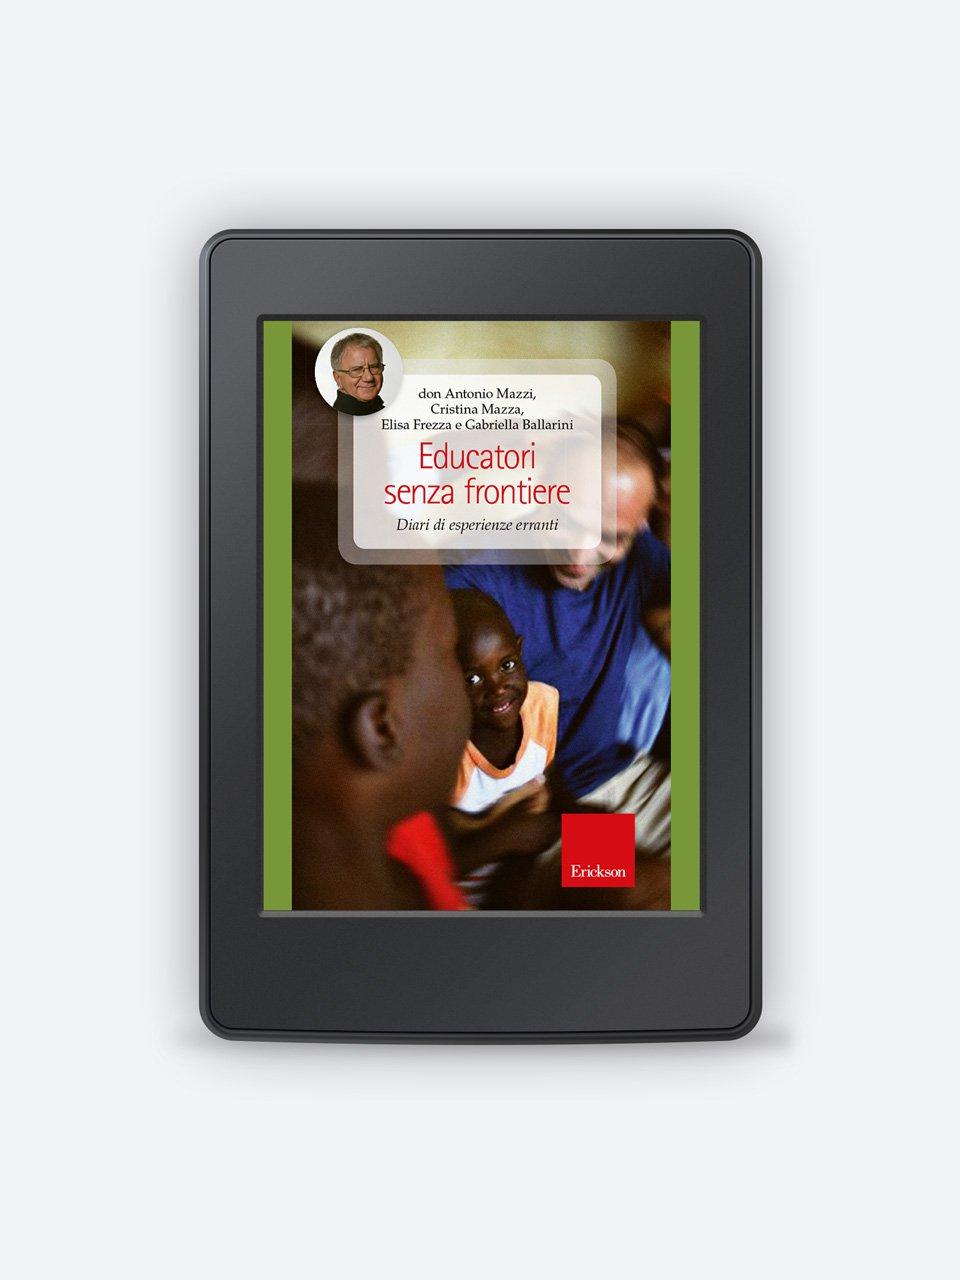 Educatori senza frontiere - L'integrazione scolastica e sociale - Riviste - Erickson